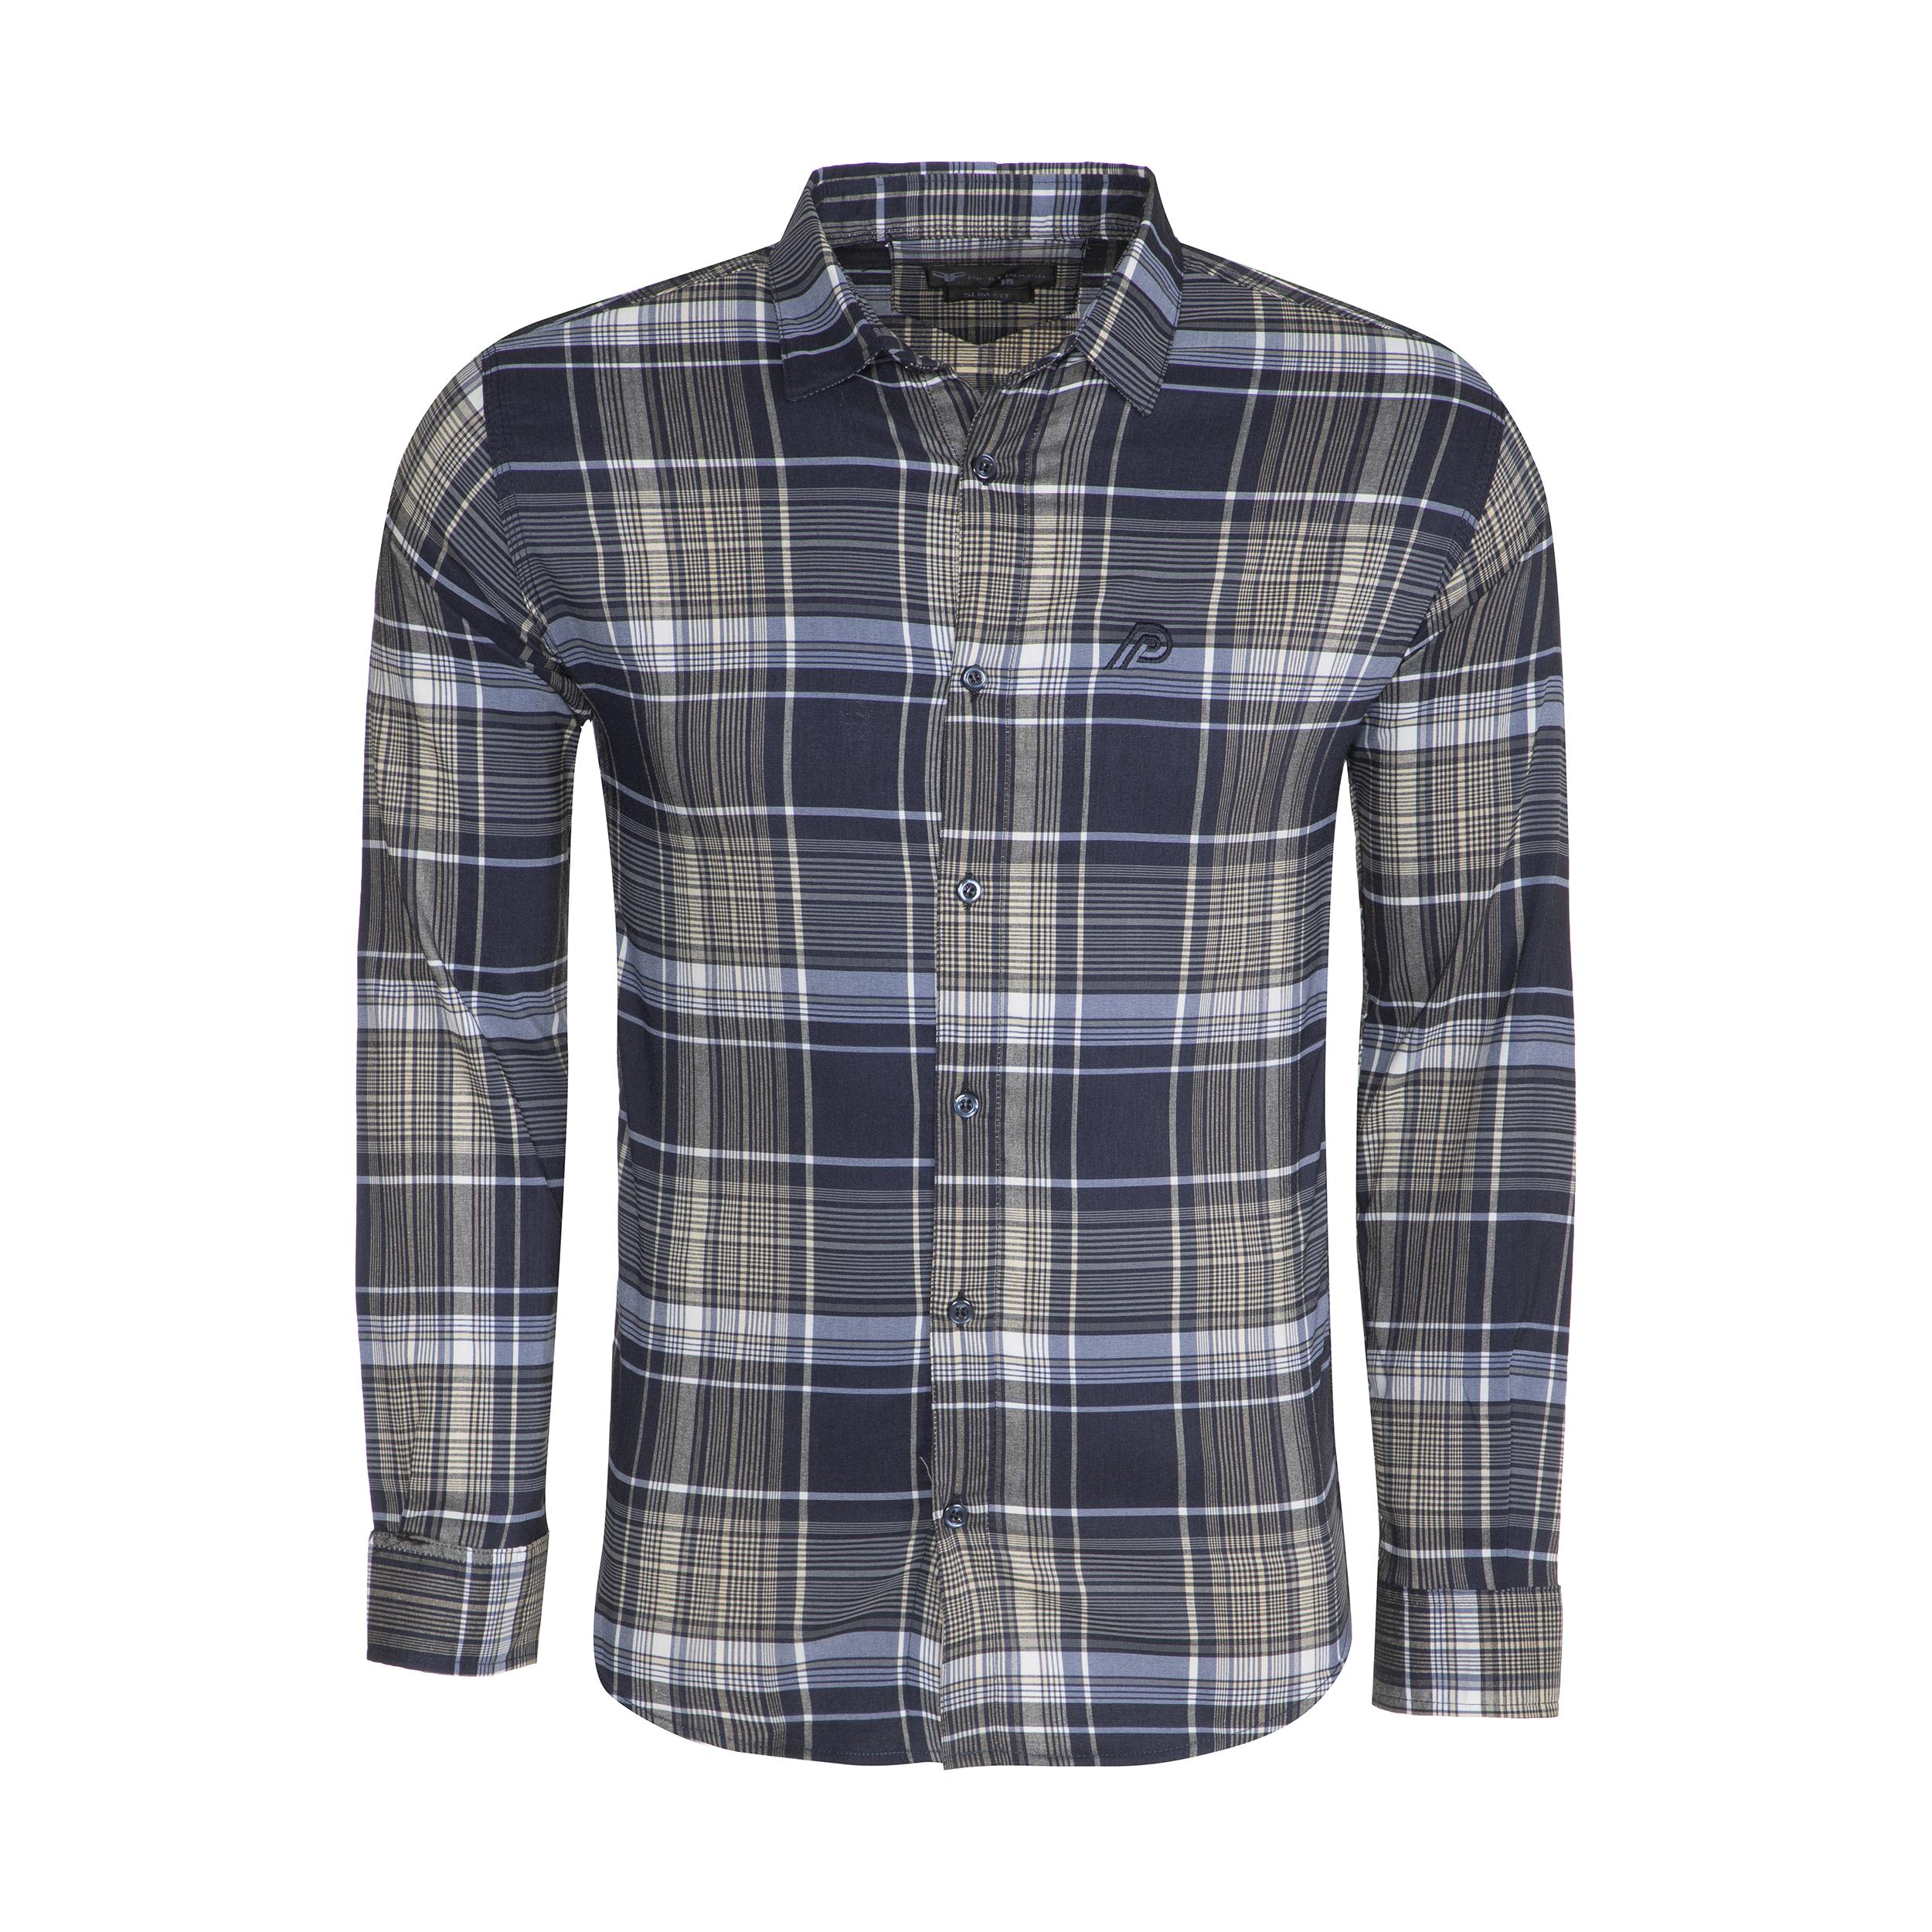 پیراهن مردانه پیکی پوش مدل M02407